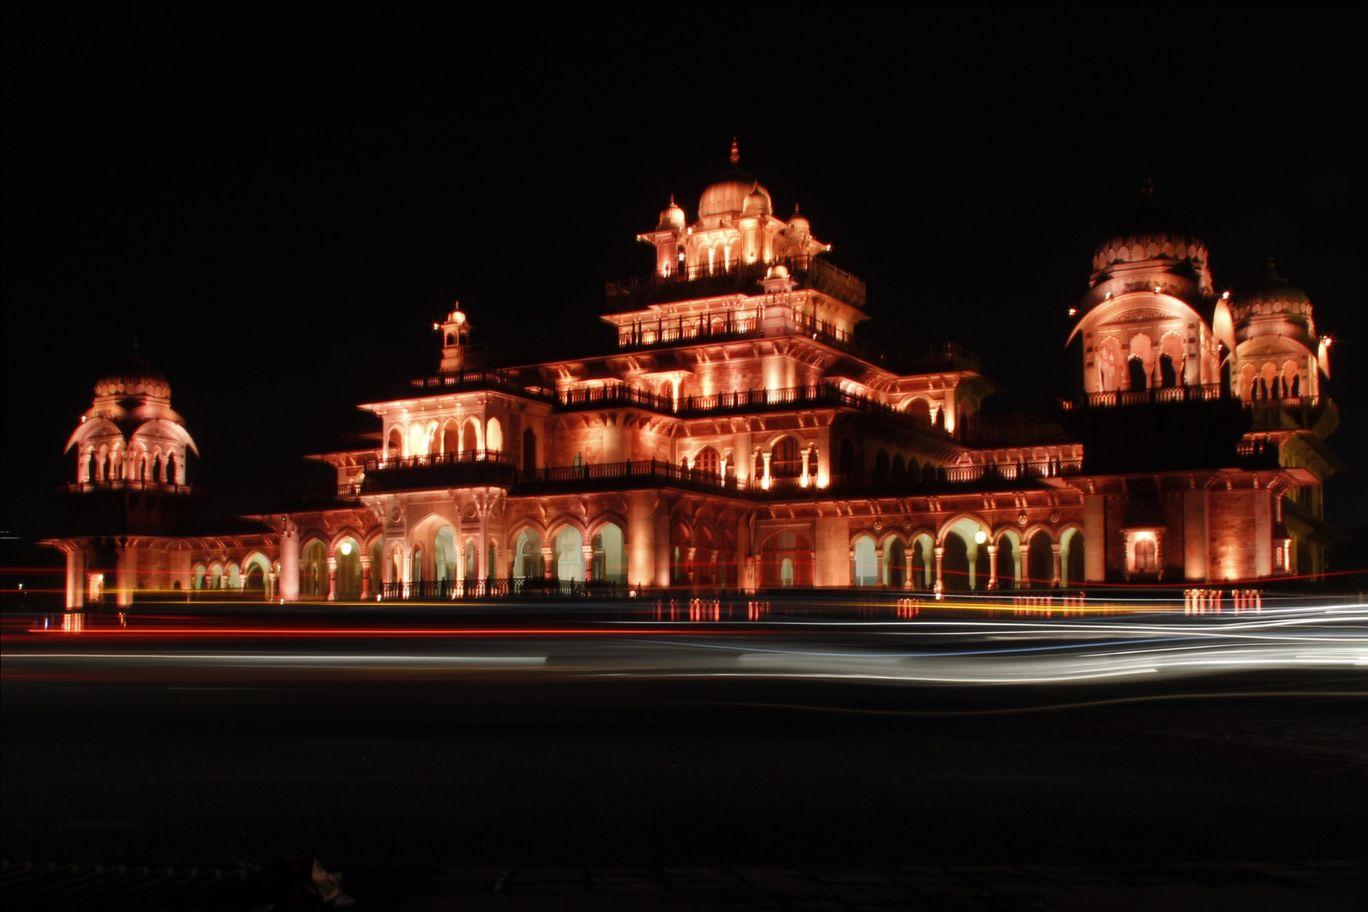 Photo of Albert Hall Museum By Shruti Sharma